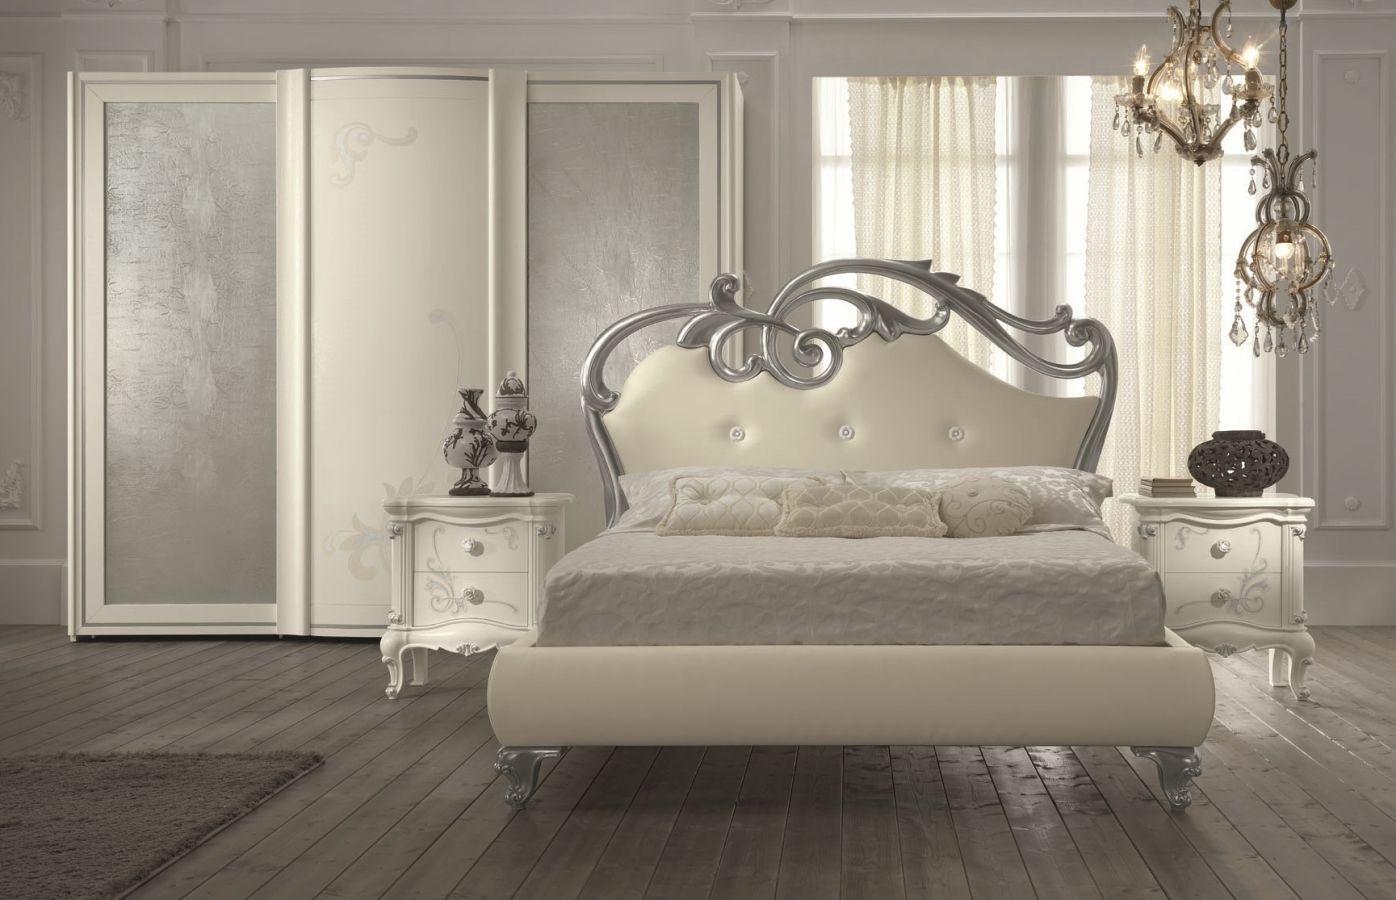 camere da letto lube camere da letto grandi my house nel